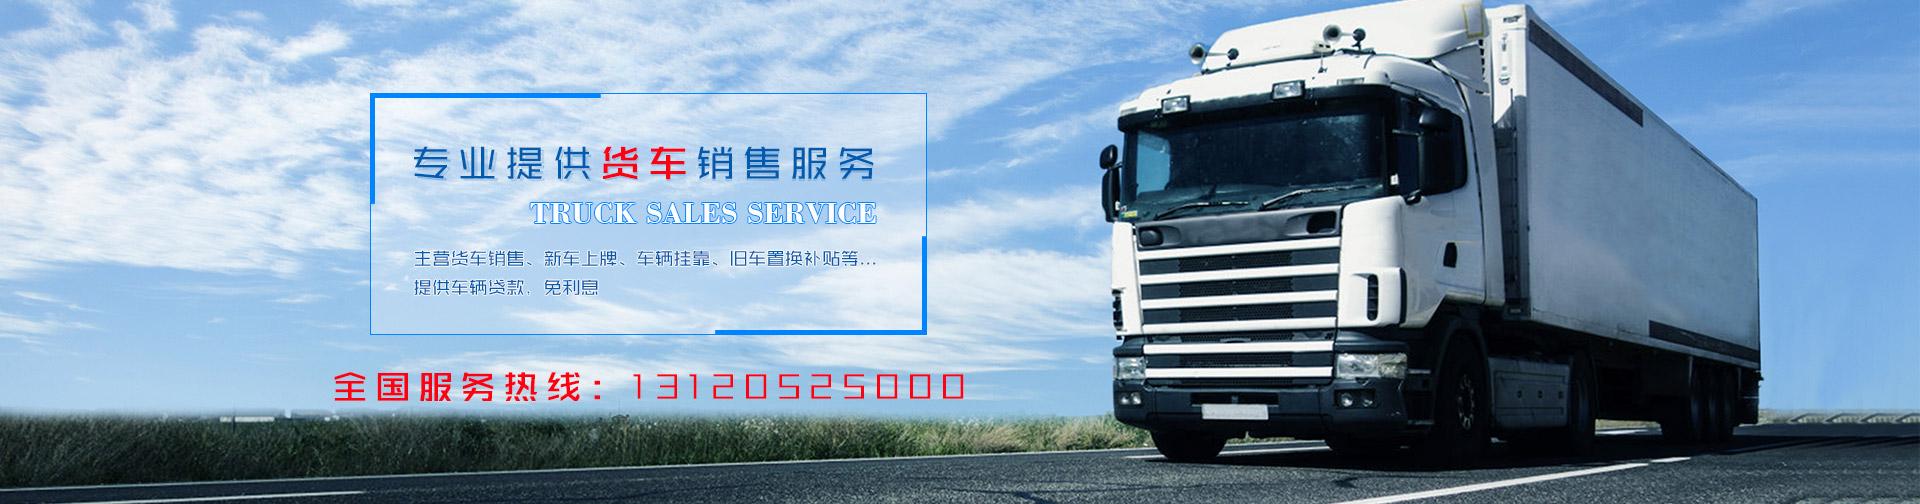 上海畅选汽车销售有限公司